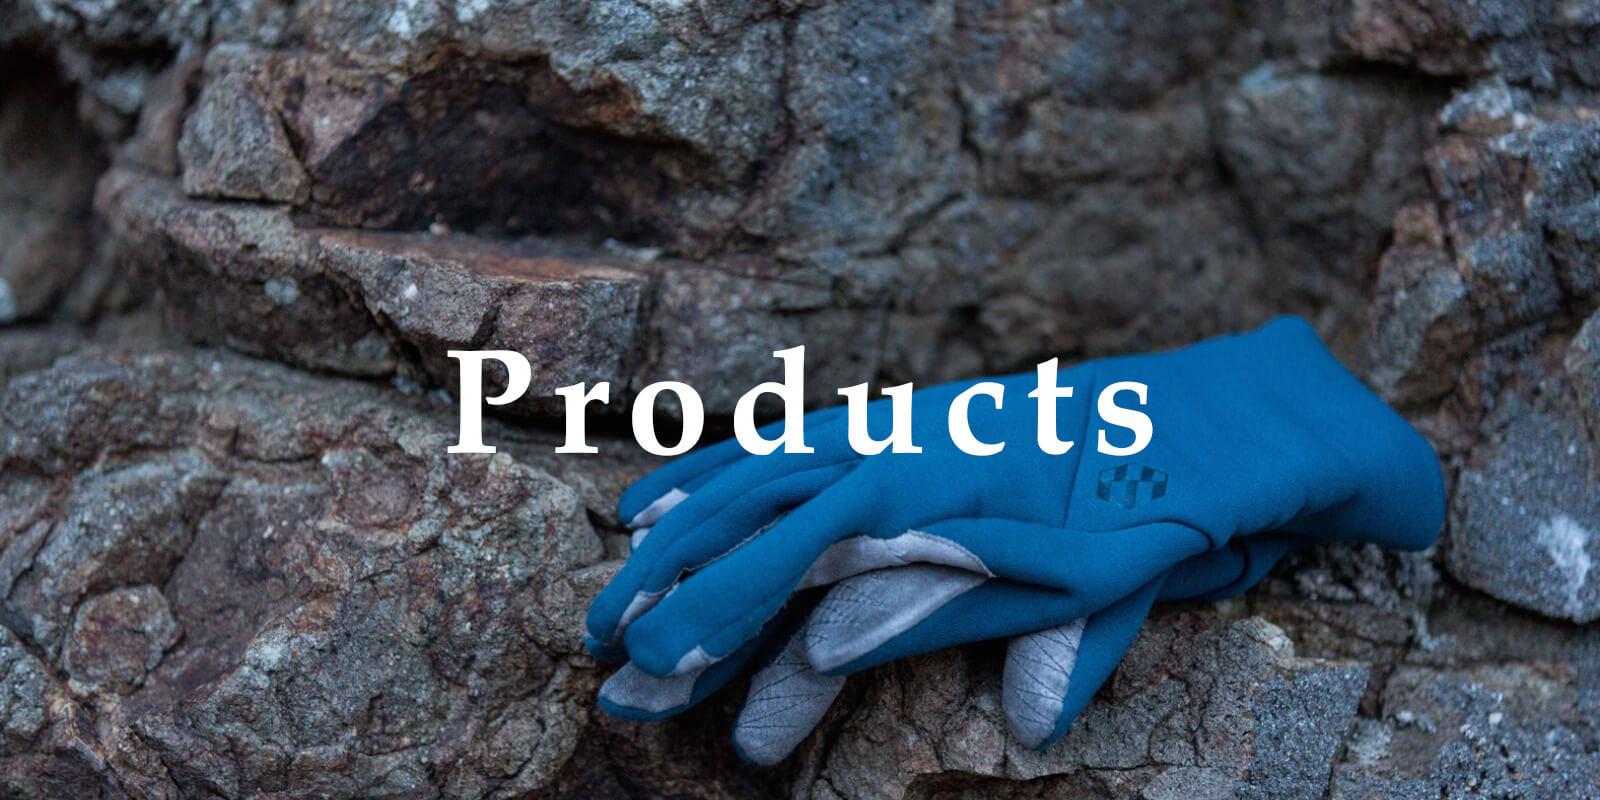 ハンズオングリップ Products